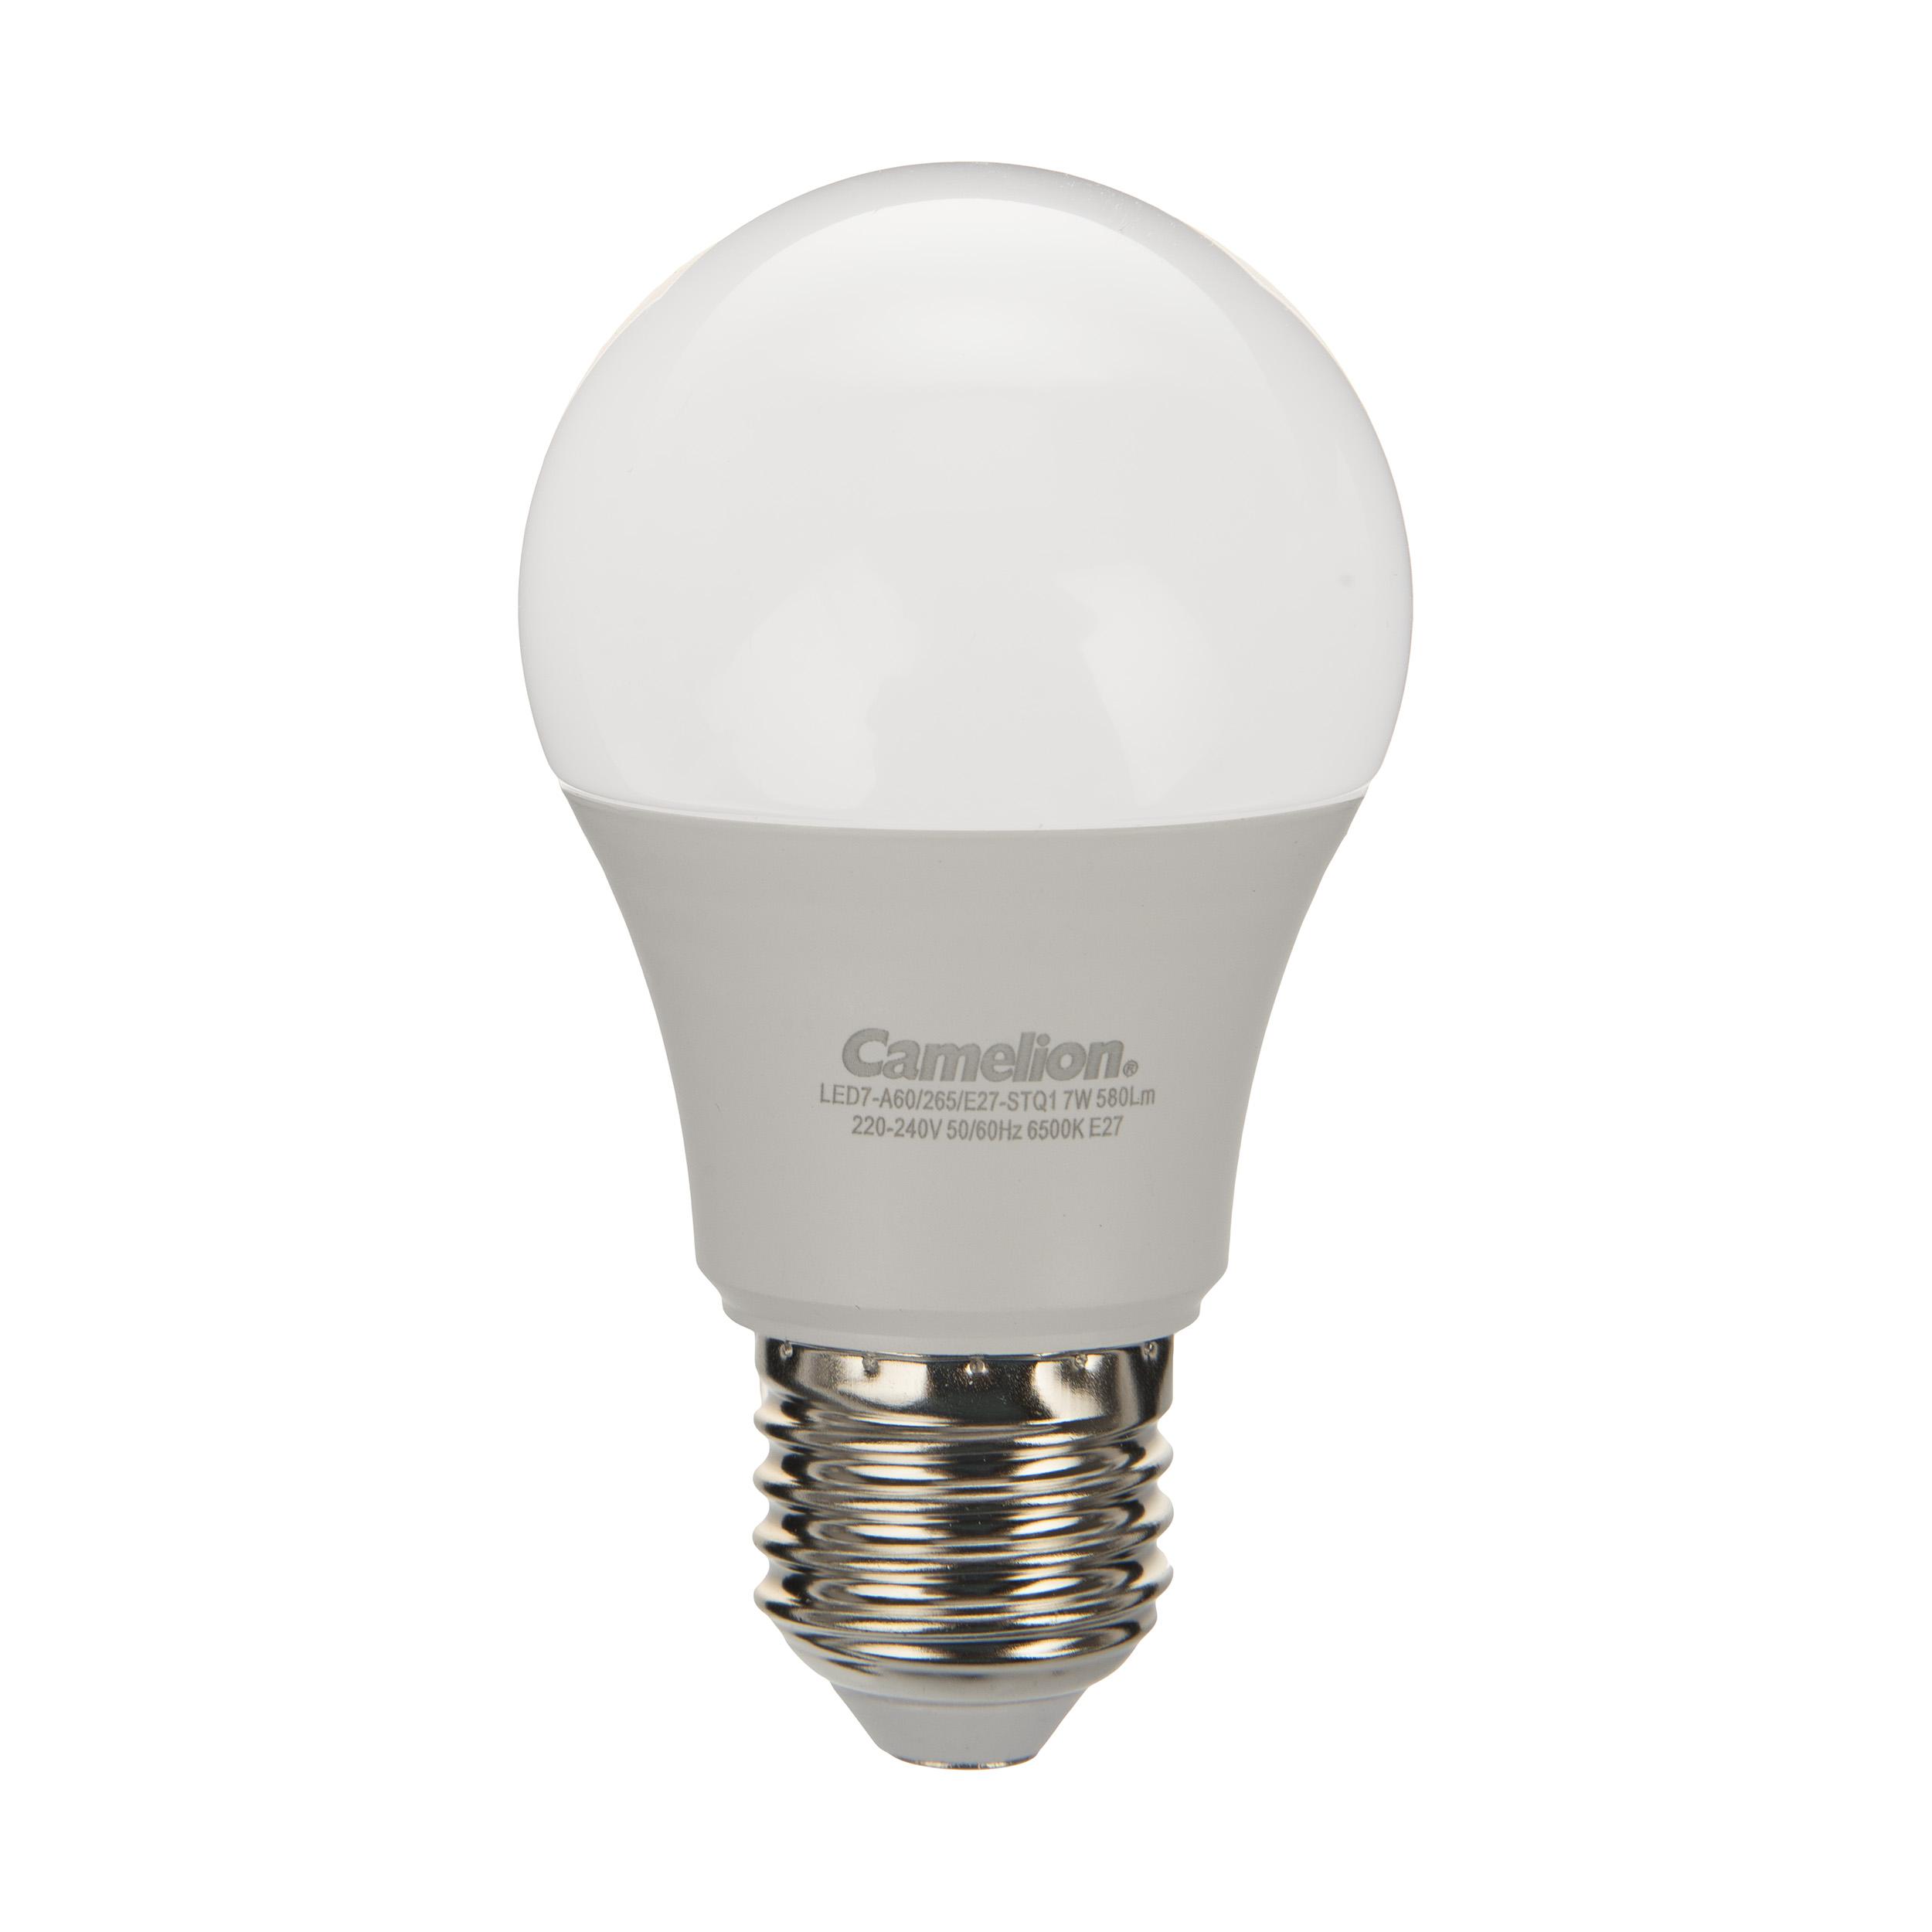 لامپ ال ای دی 7 وات کملیون مدل STQ1 پایه E27